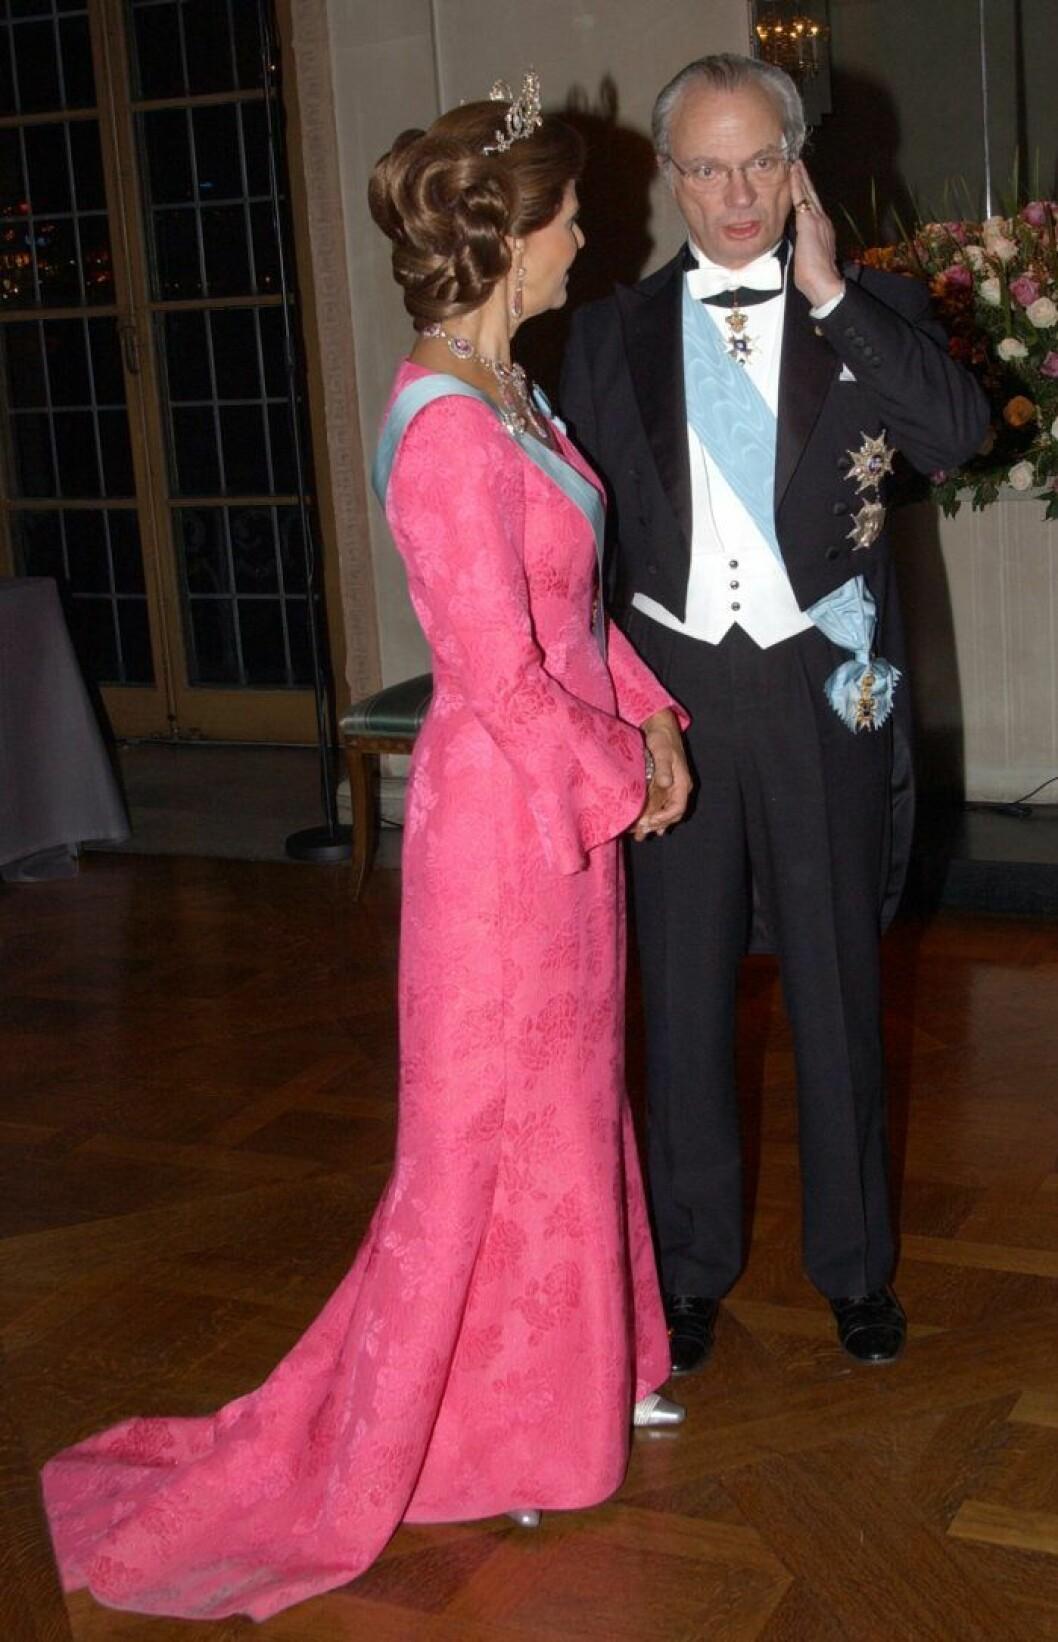 Drottning Silvia med långt släp på klänningen.